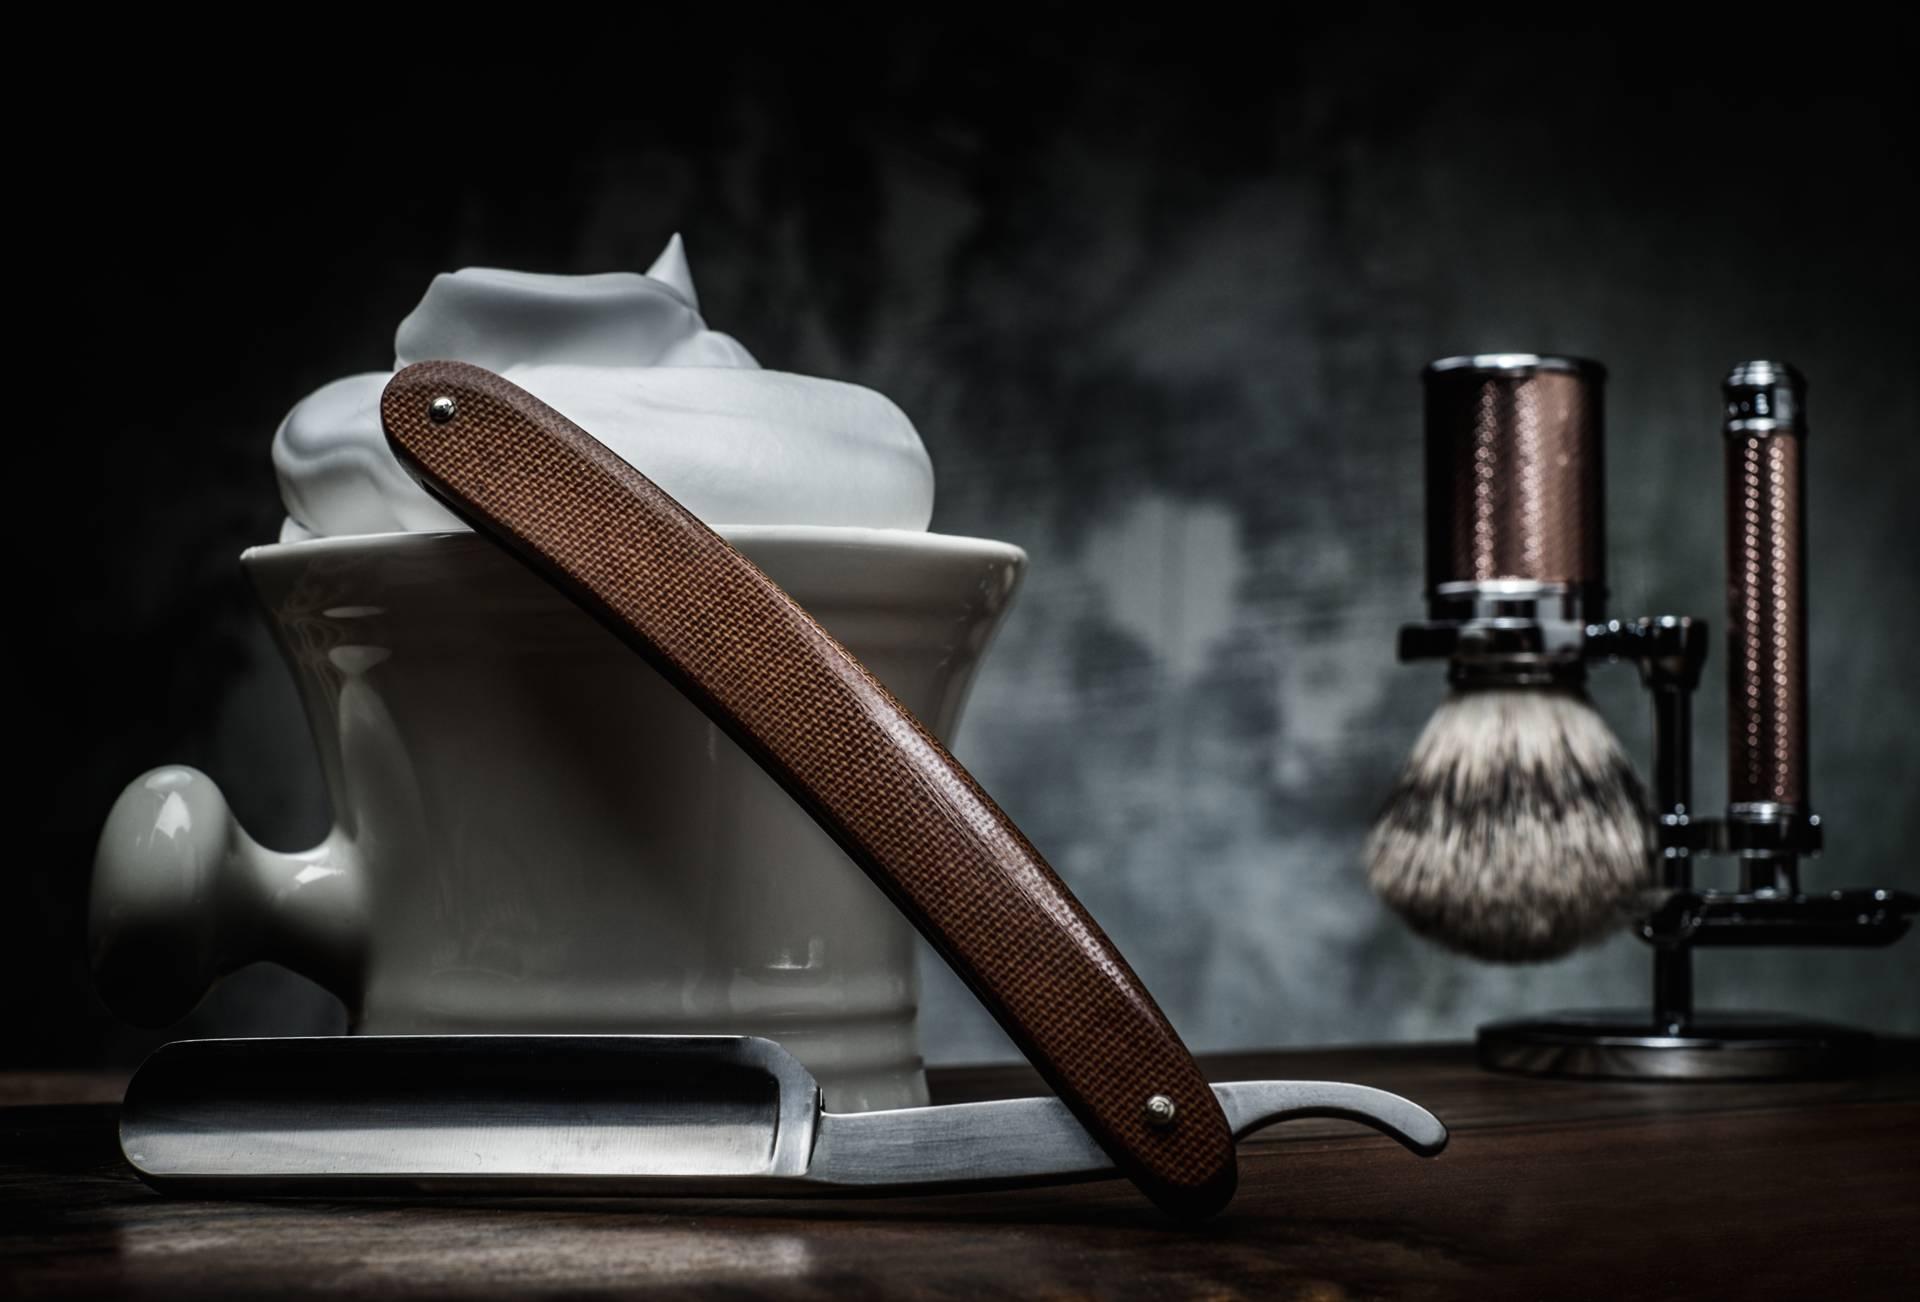 Rasiermesser, Schaum und Pinsel